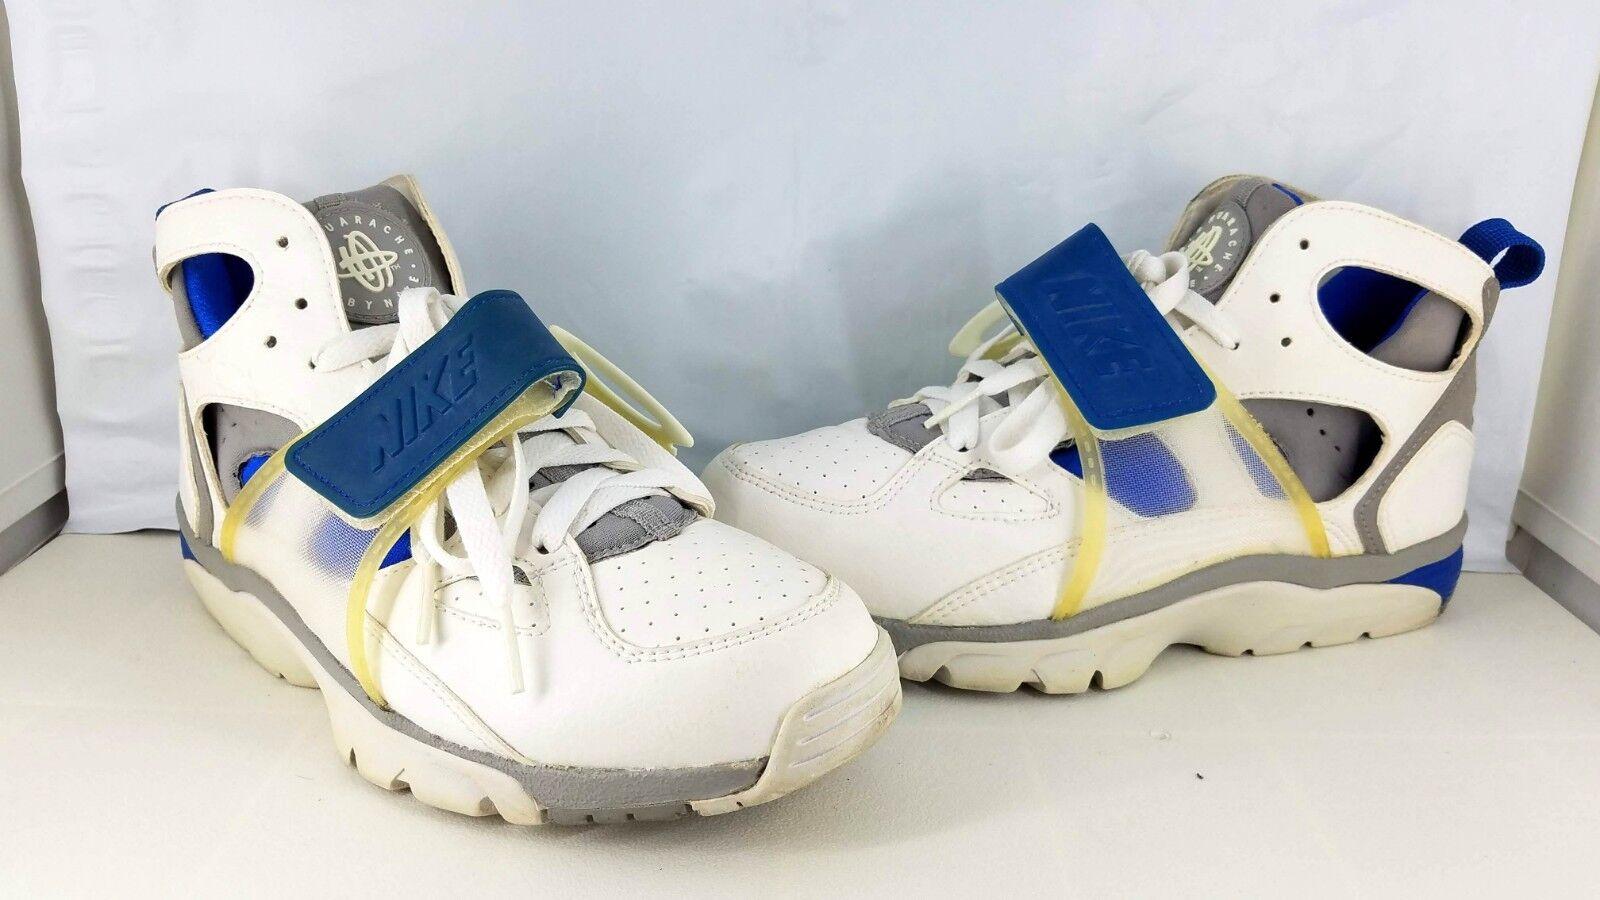 Nike Air Huarache Trainer 2003White, Med Grey-Royal bluee Men's Size 7 RARE OG